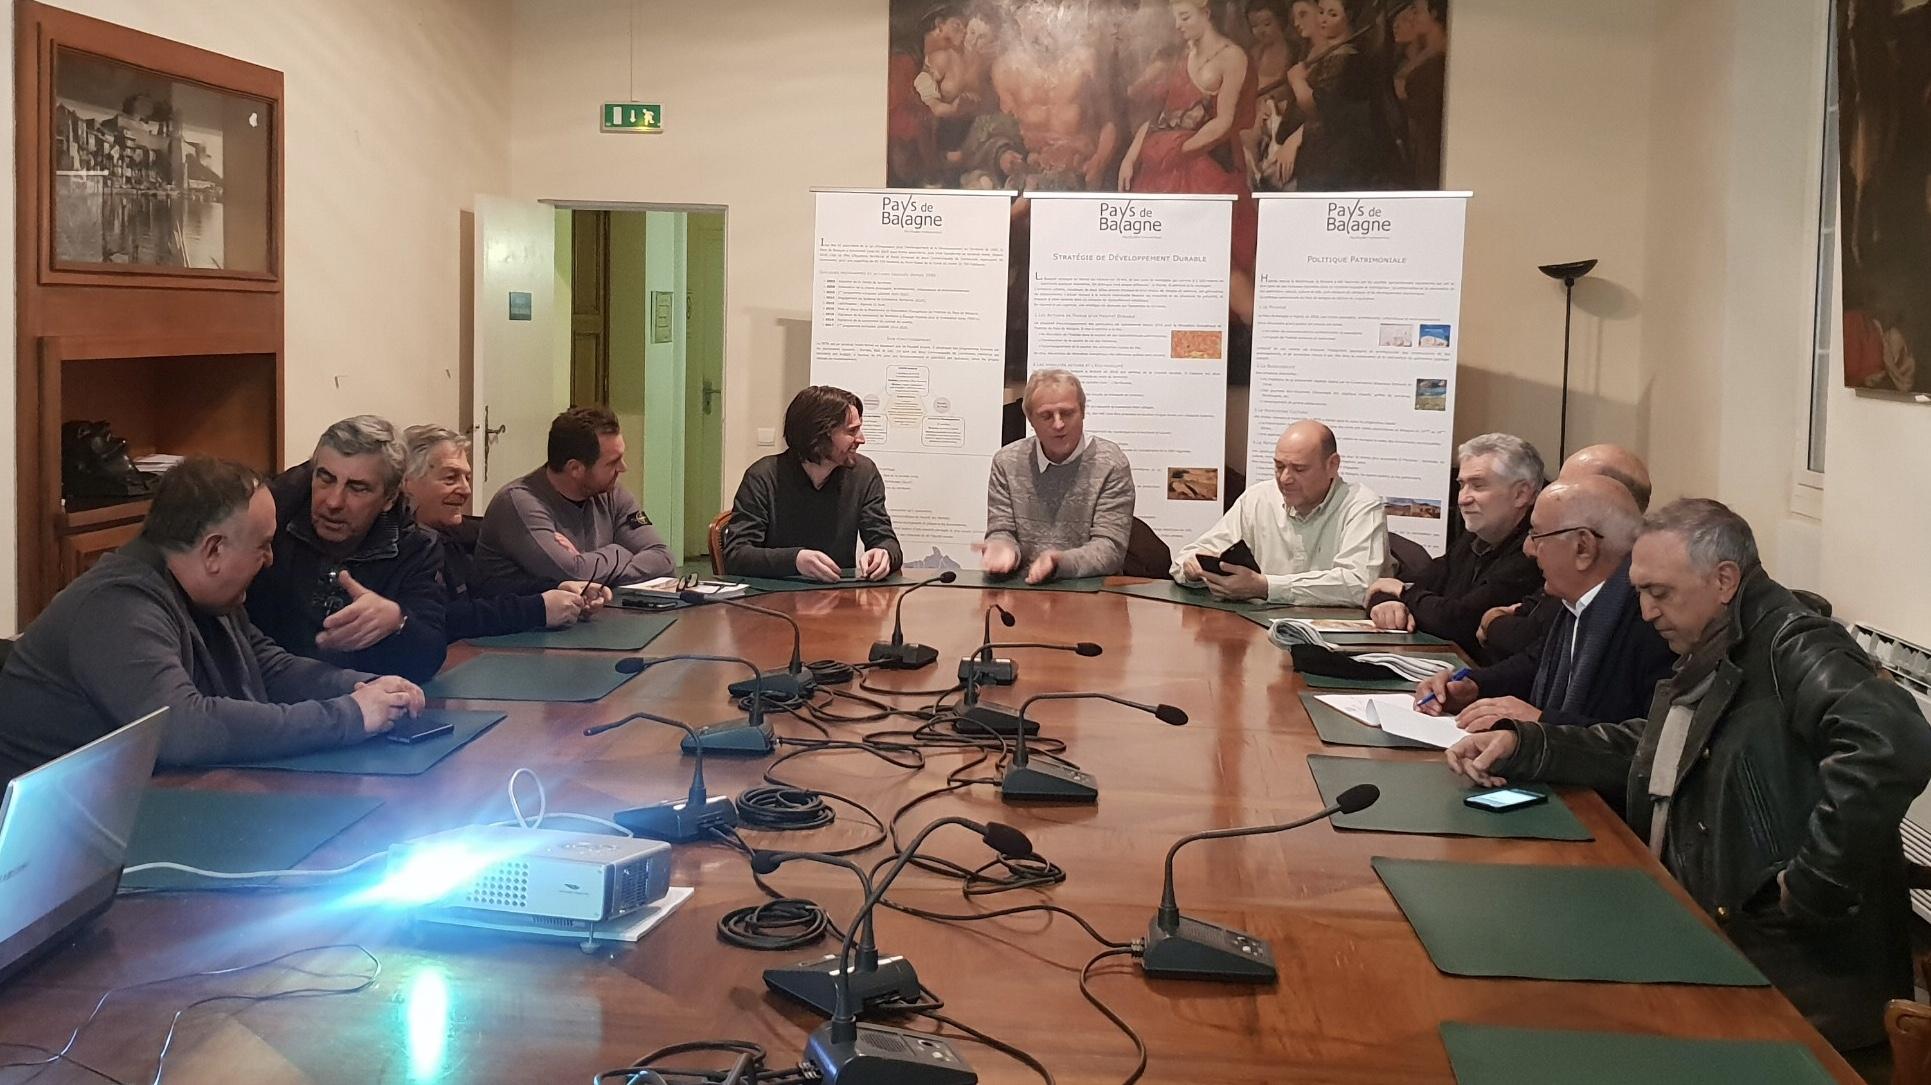 PETR : Réunion de début d'année pour les maires de Balagne